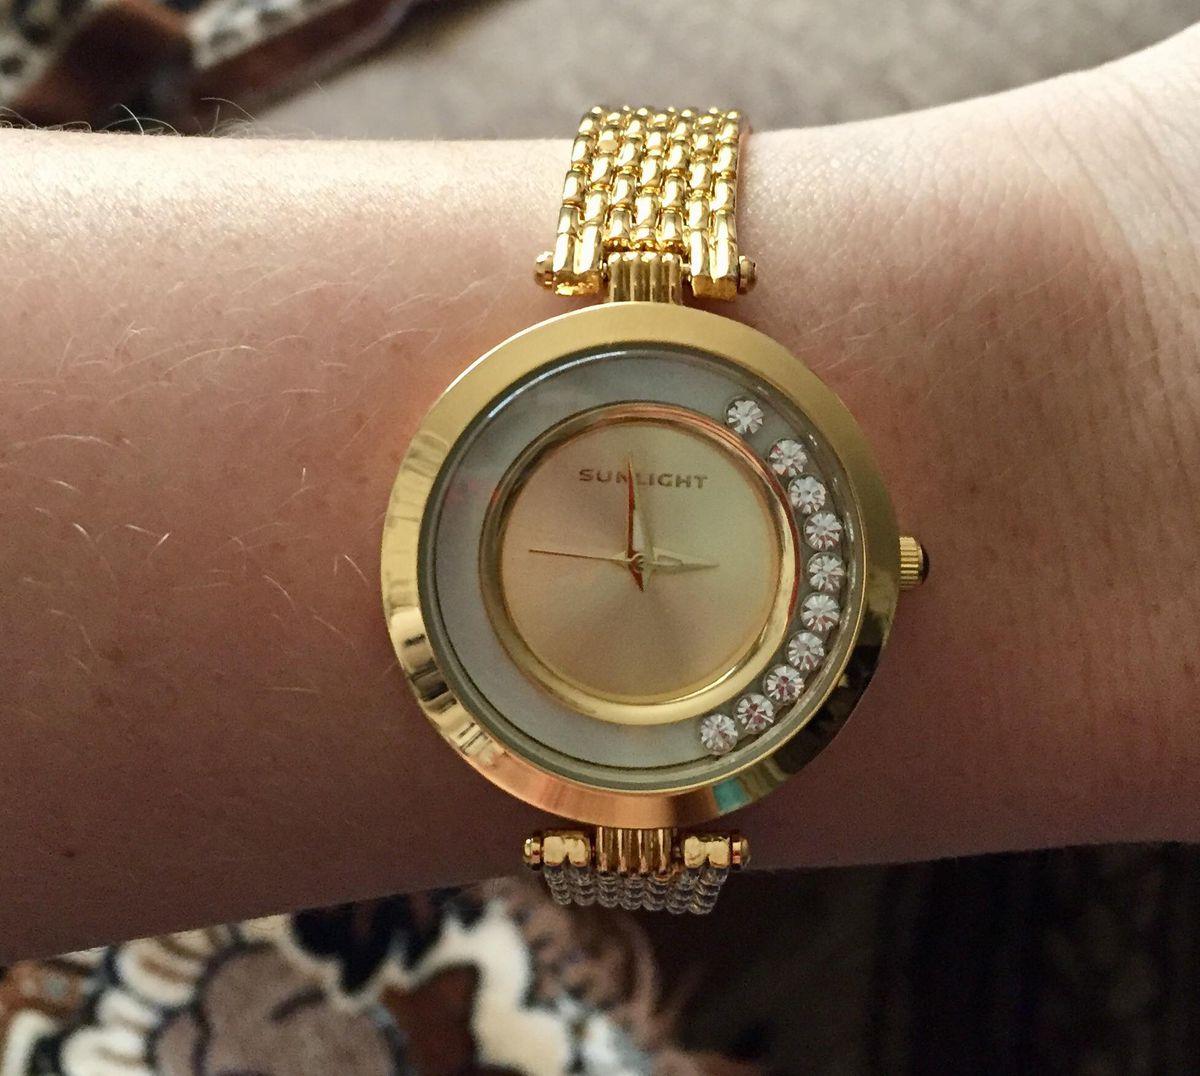 Шикарные часы с танцующими кристала, отличное дополняют образ любой девушки